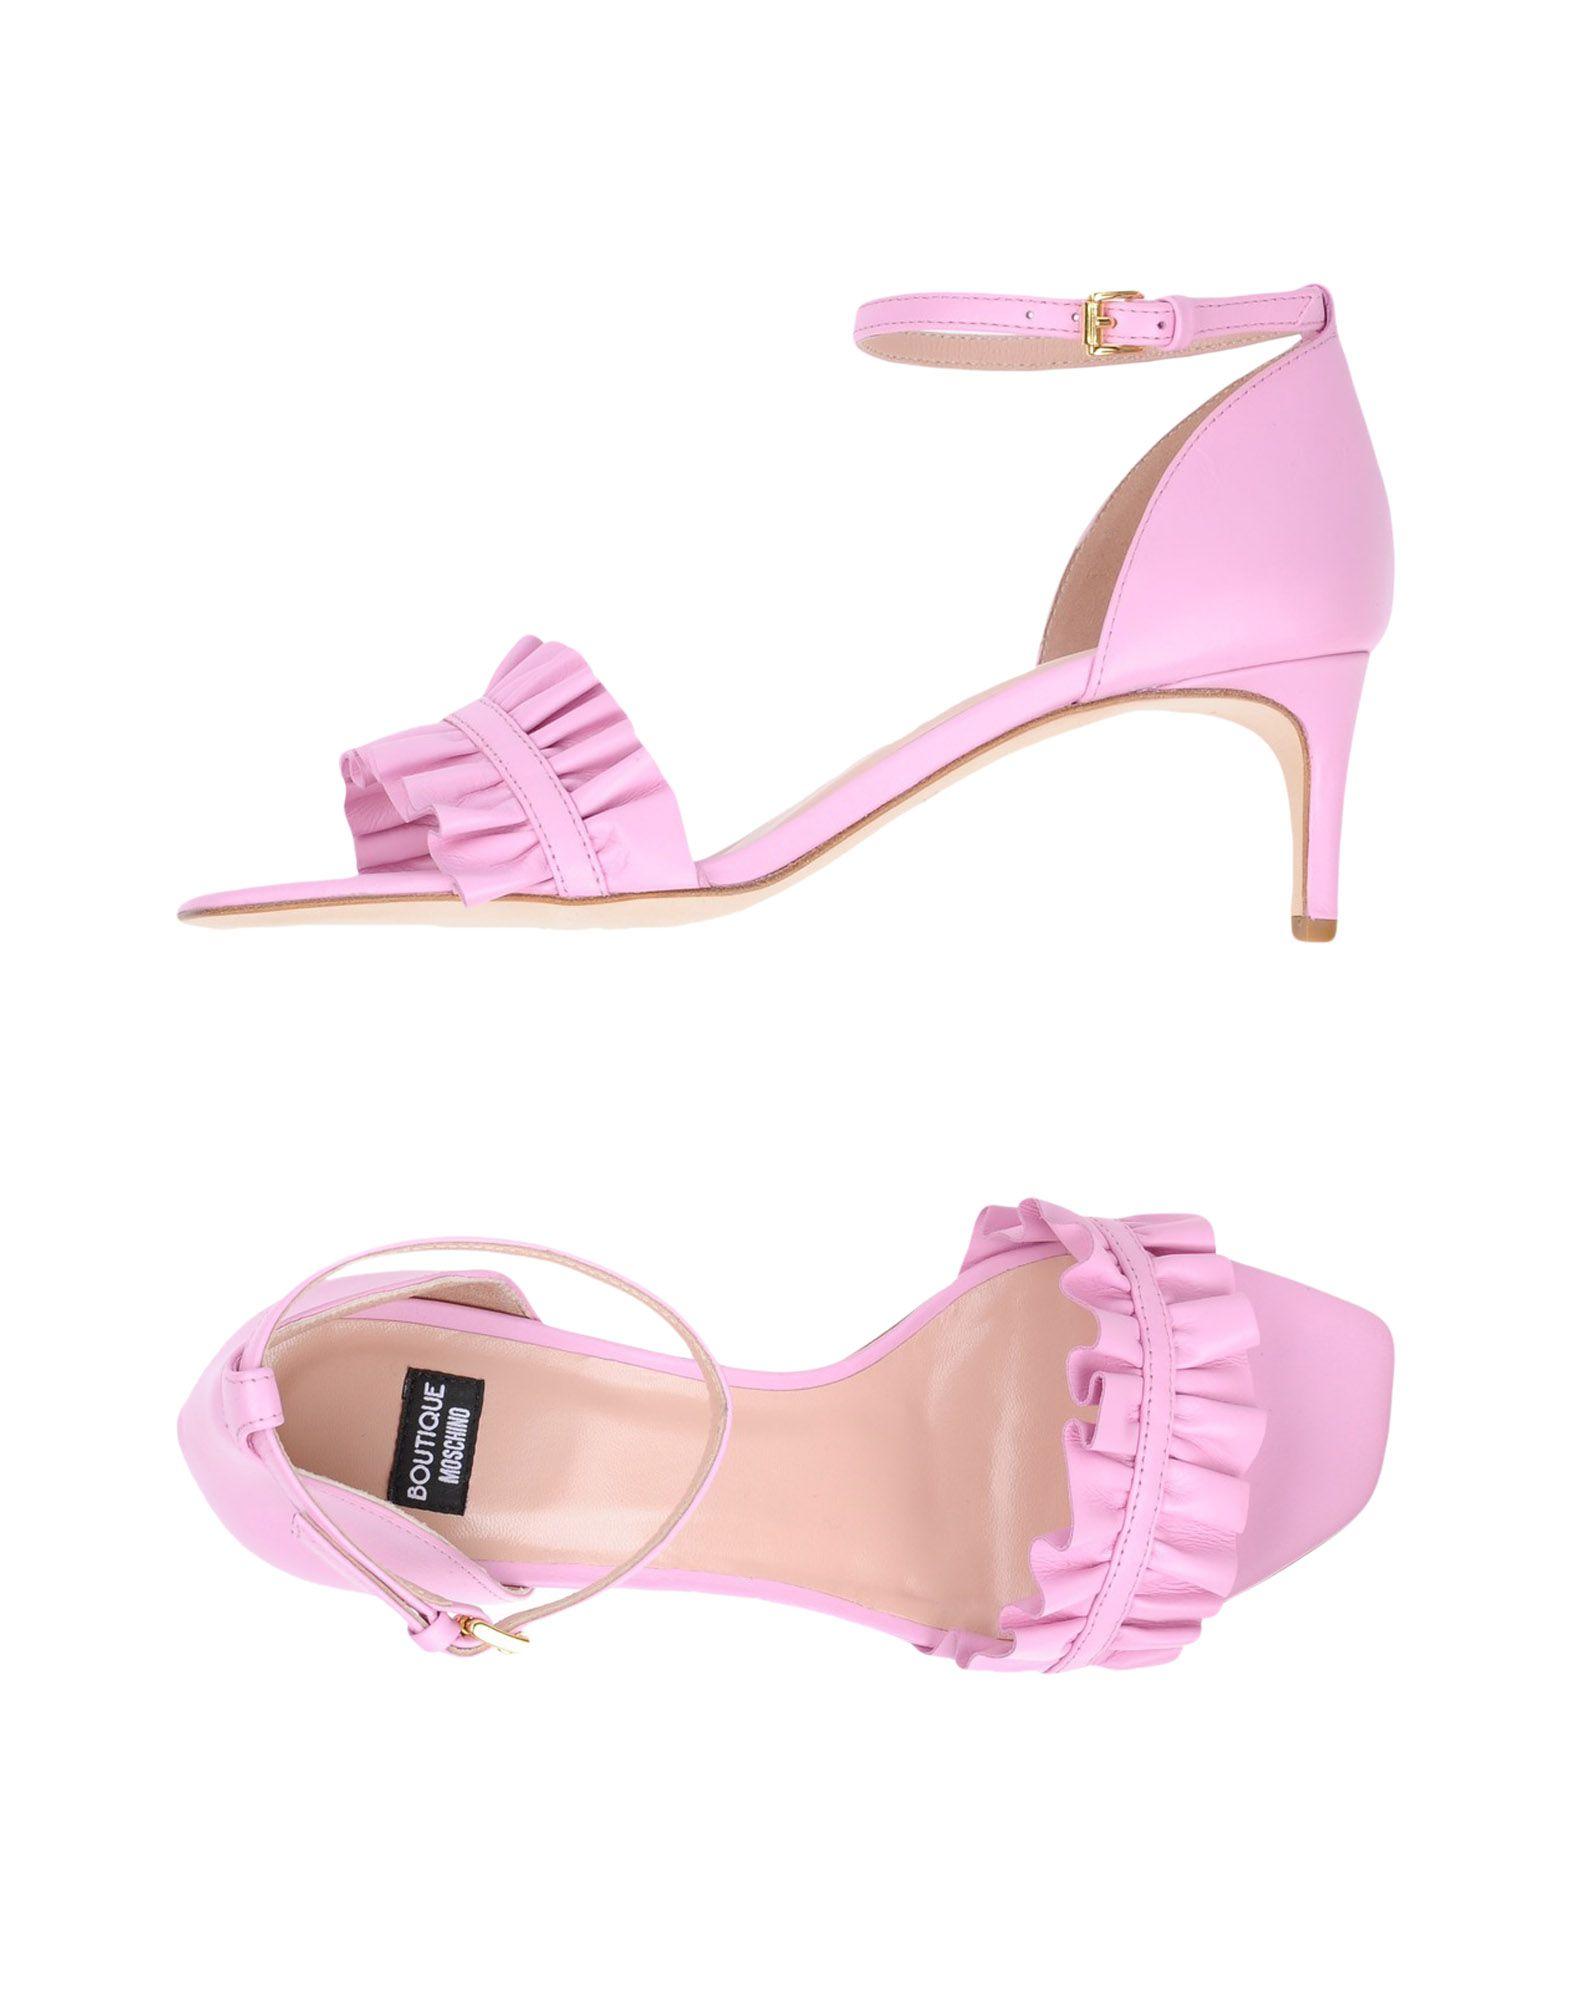 Boutique Moschino Sandalen Damen Damen Damen  11326675PD Beliebte Schuhe 882625